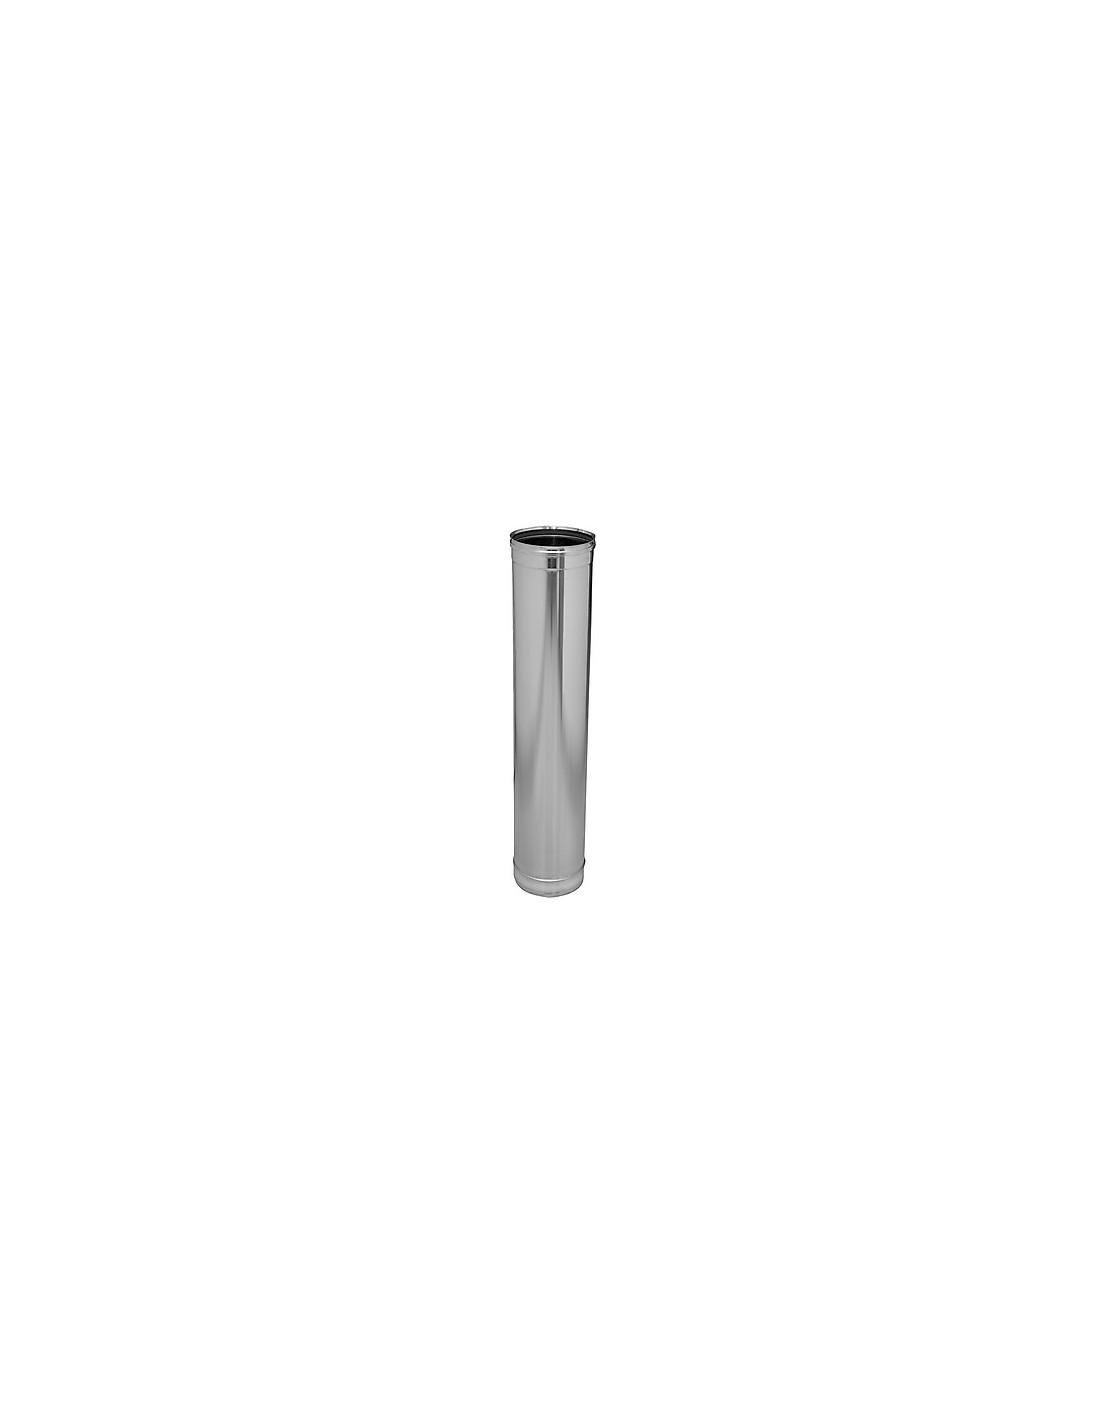 Tubo de un metro de largo chimenea pellets - Tubo de chimenea ...